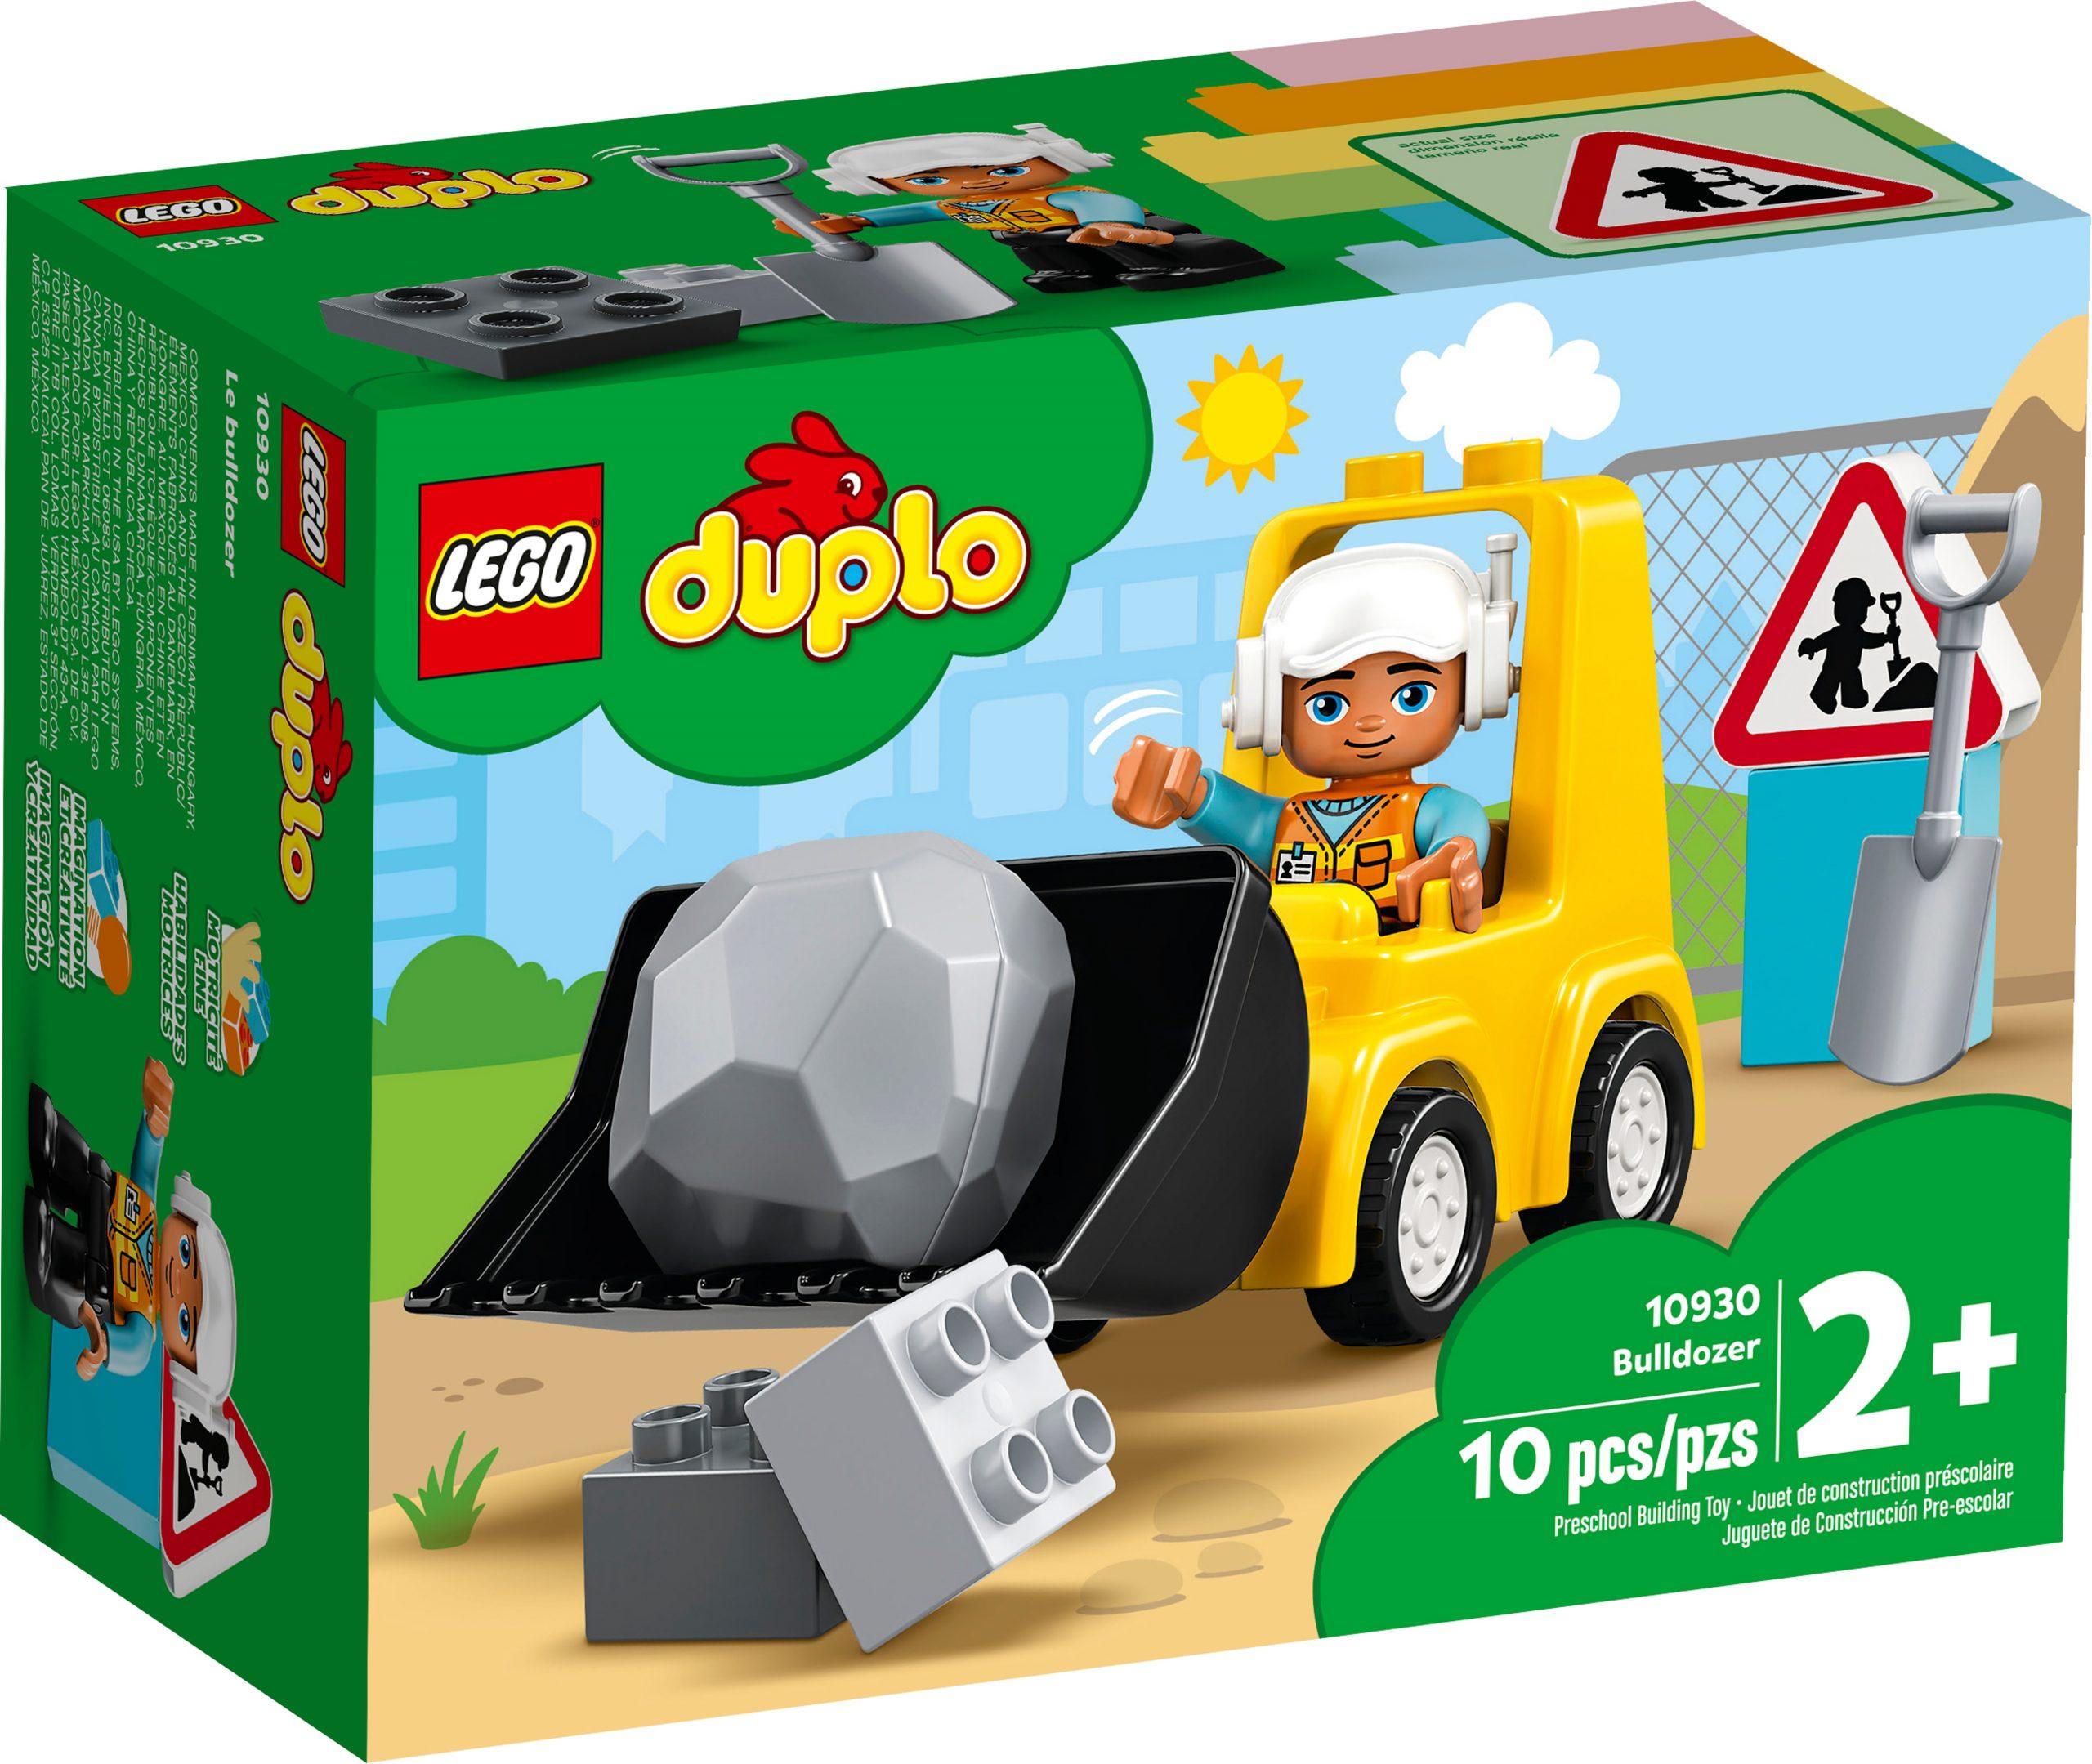 lego 10930 bulldozer scaled